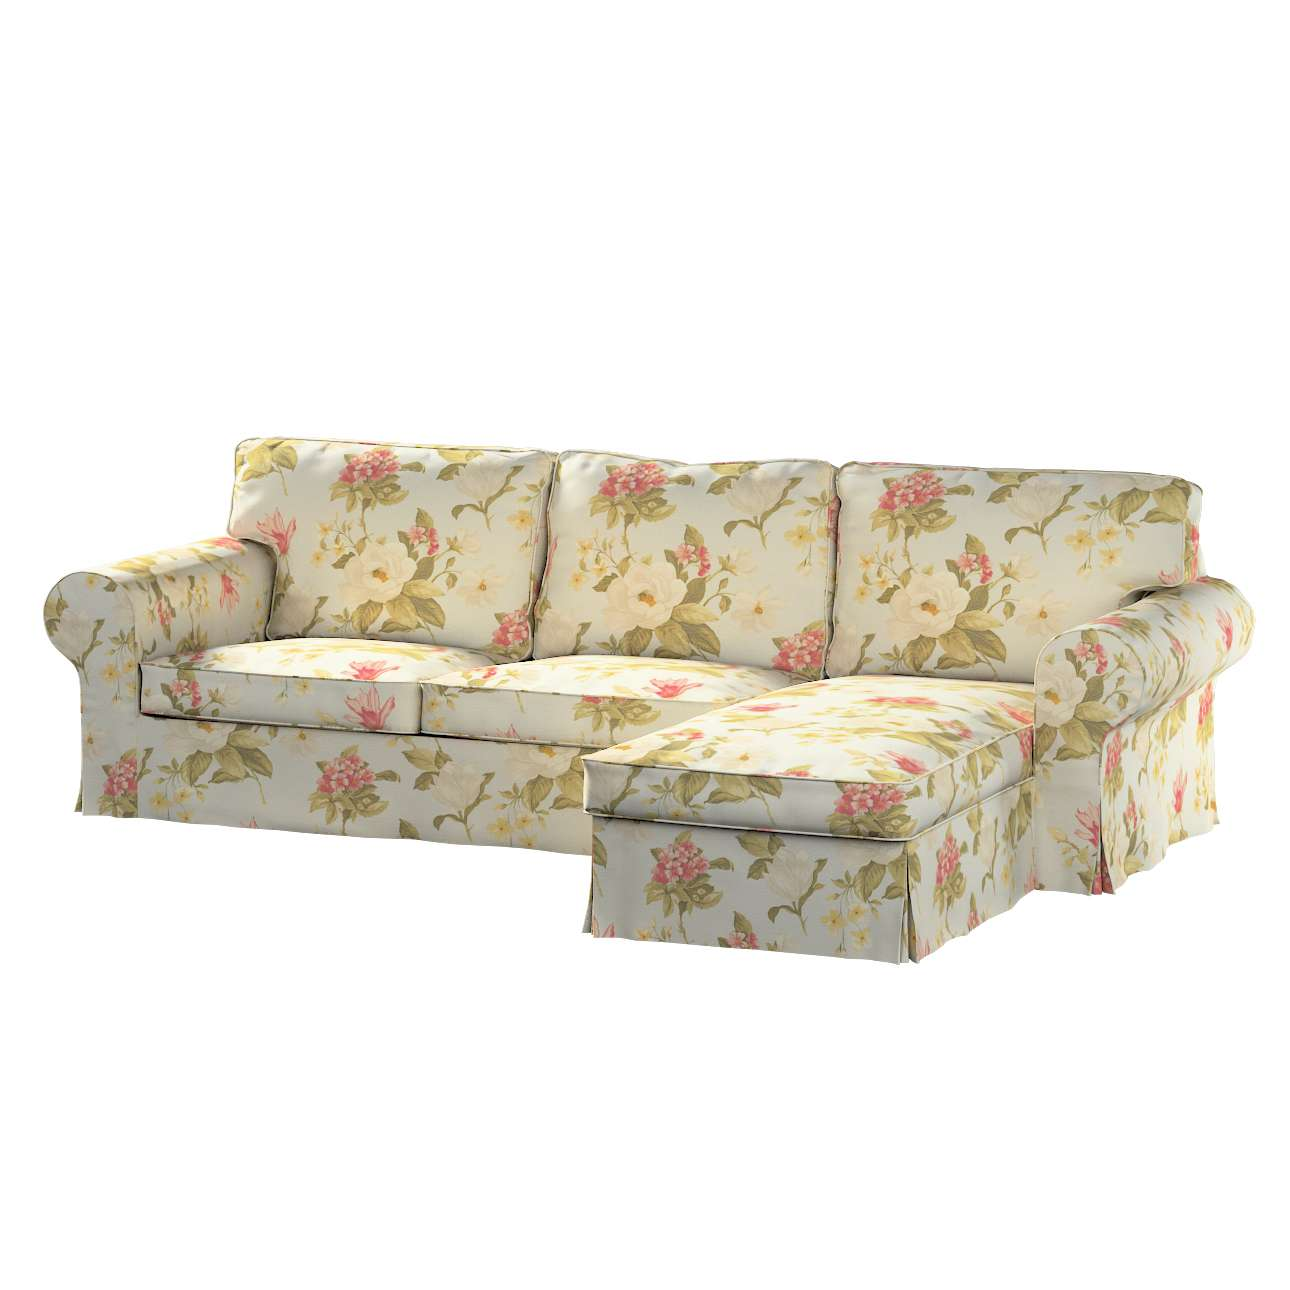 Pokrowiec na sofę Ektorp 2-osobową i leżankę sofa ektorp 2-os. i leżanka w kolekcji Londres, tkanina: 123-65